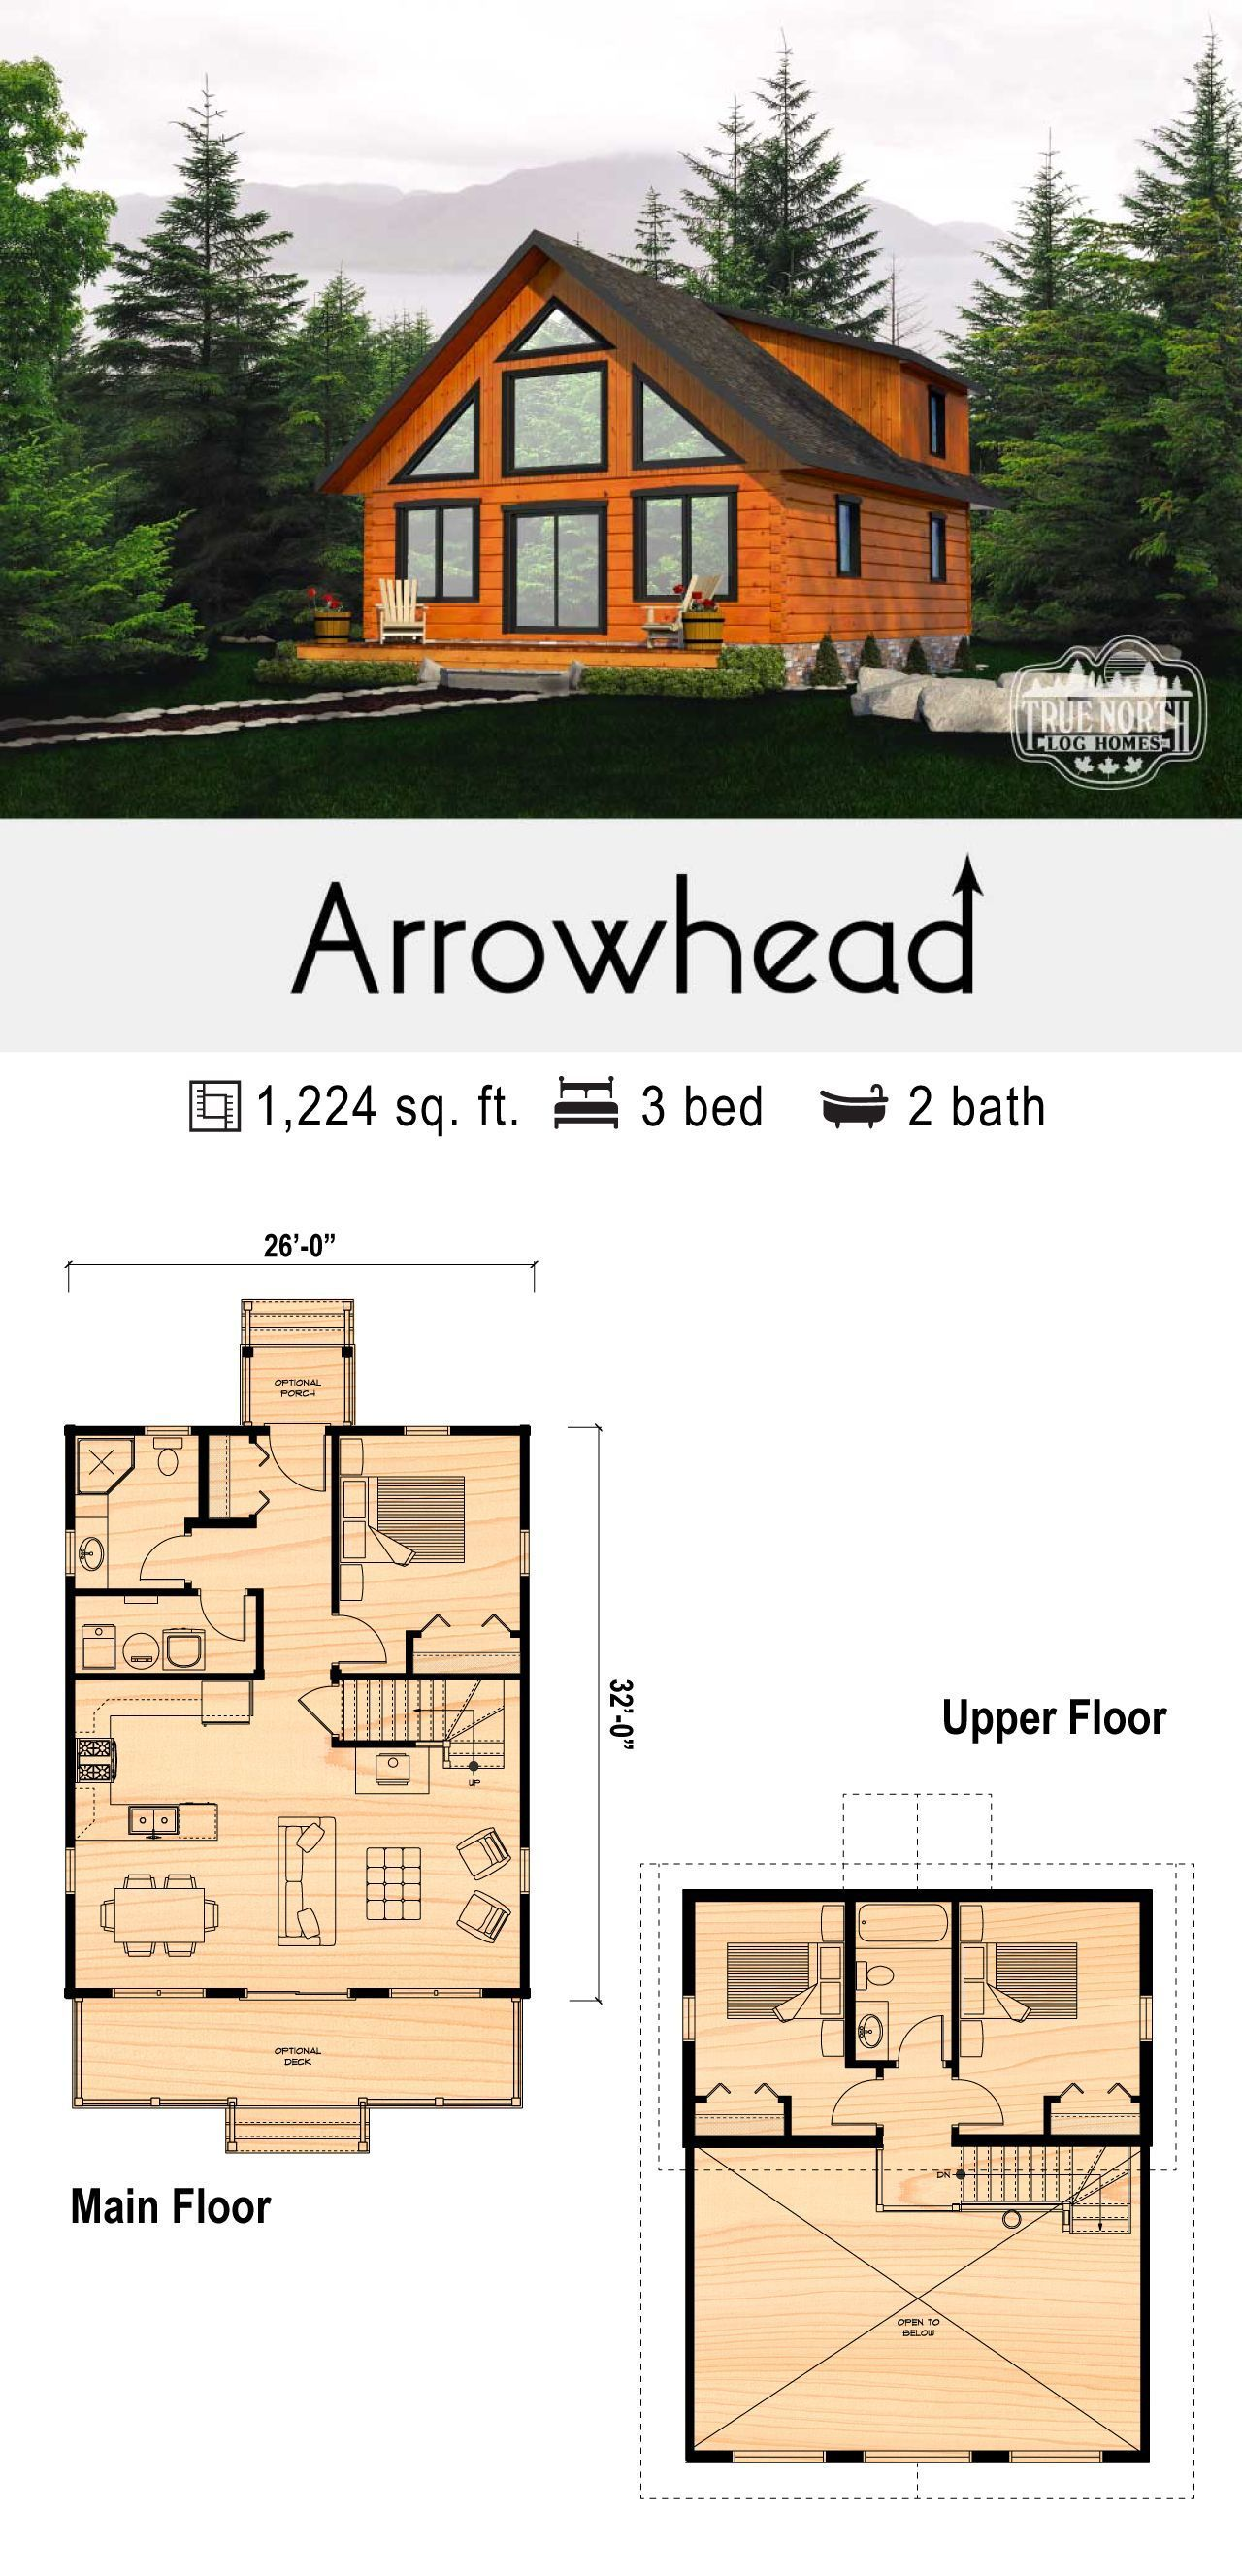 Arrowhead True North Log Homes